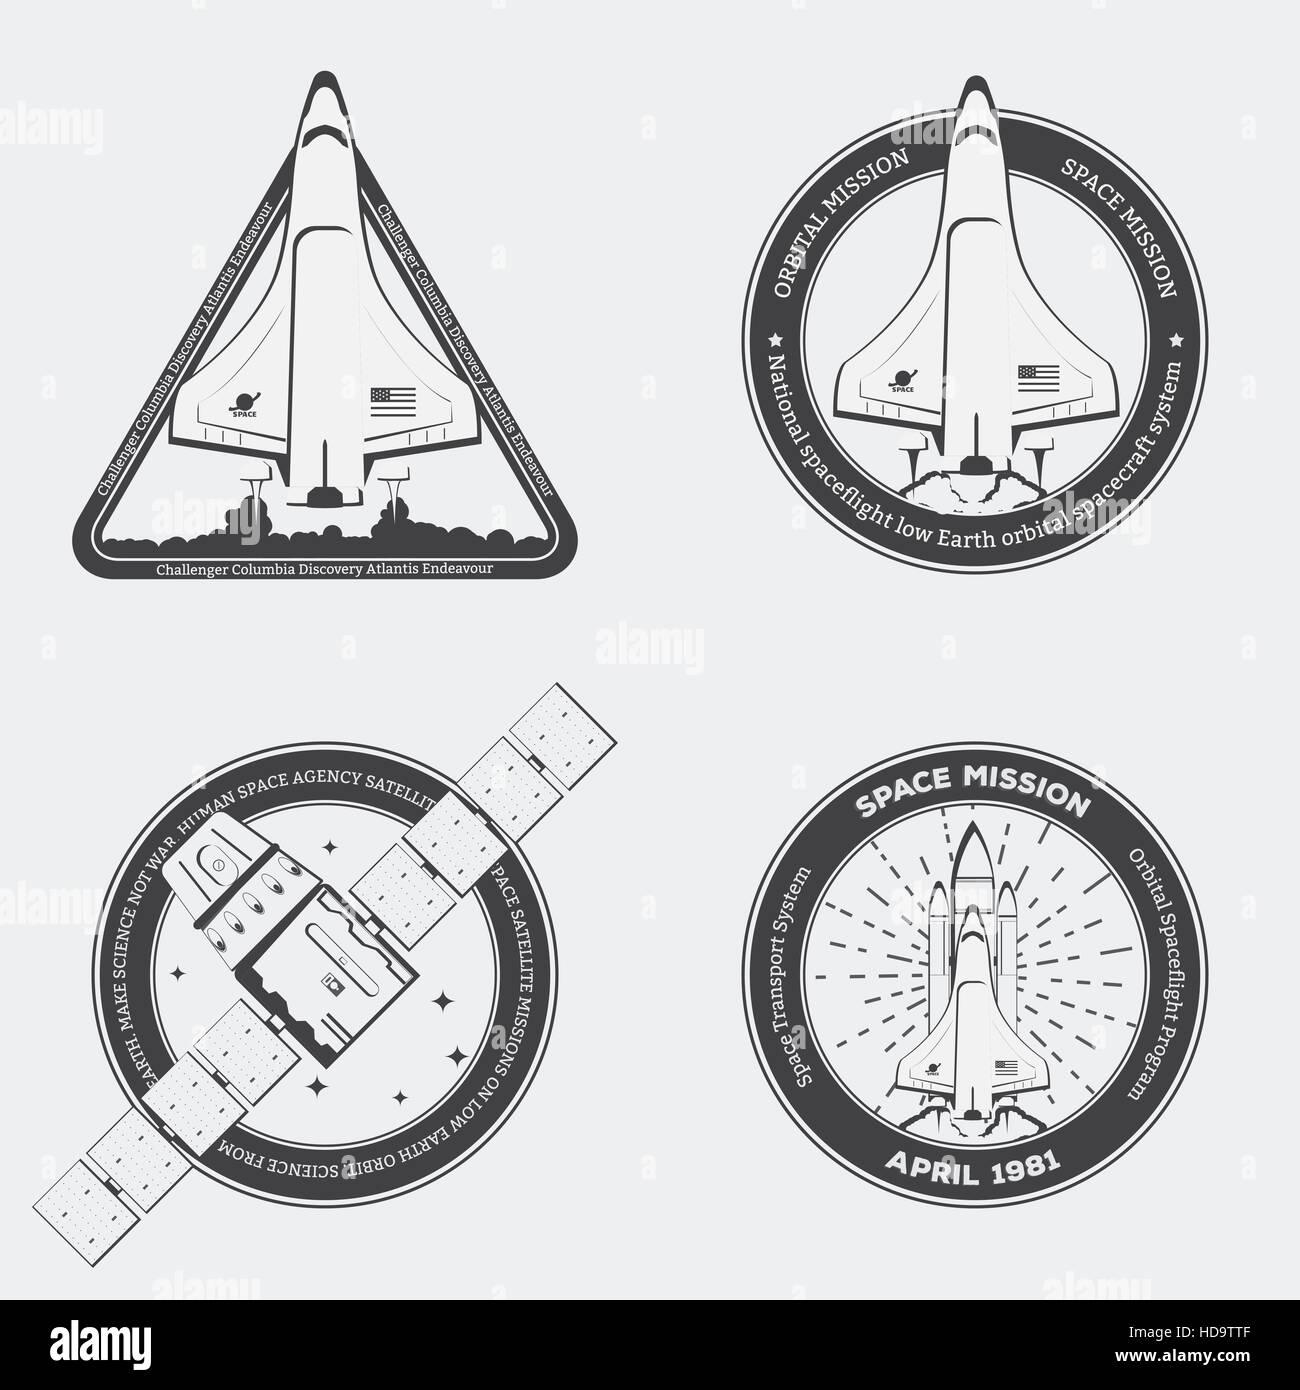 Retro negro emblemas del transbordador espacial con estrellas en estilo vintage. Transbordador espacial con cohetes Imagen De Stock